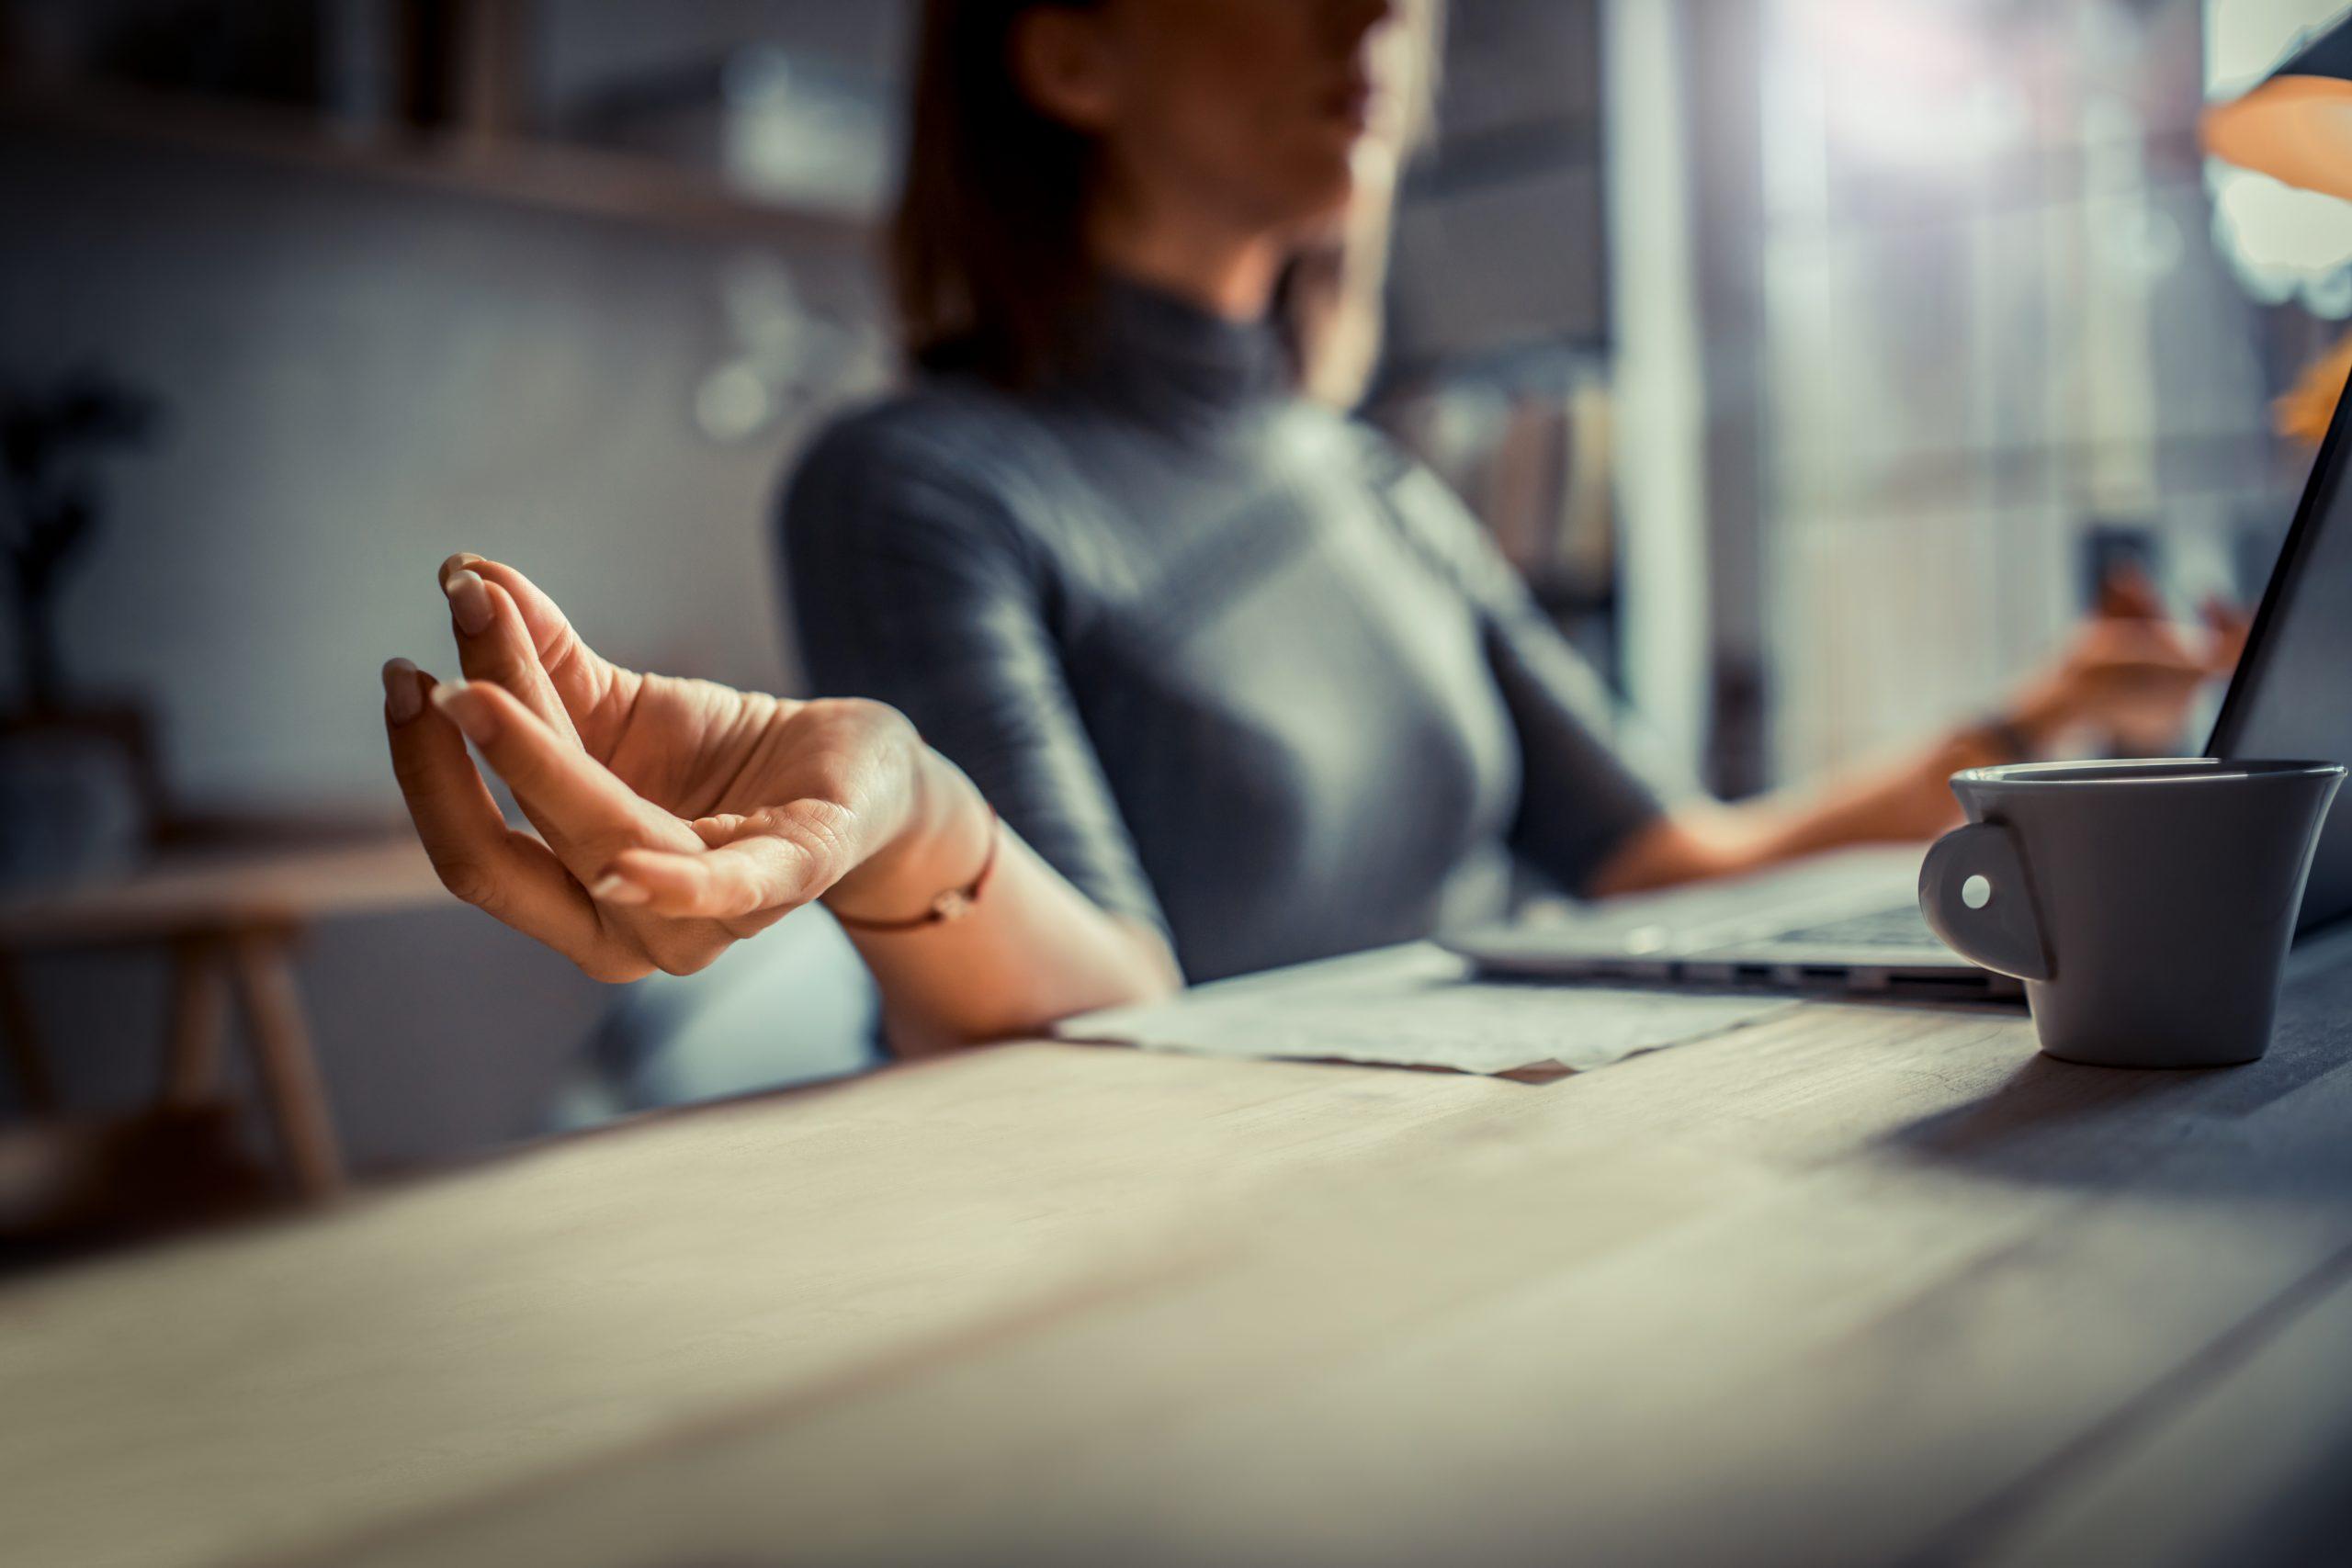 Home office: faça uma pausa consciente através da meditação